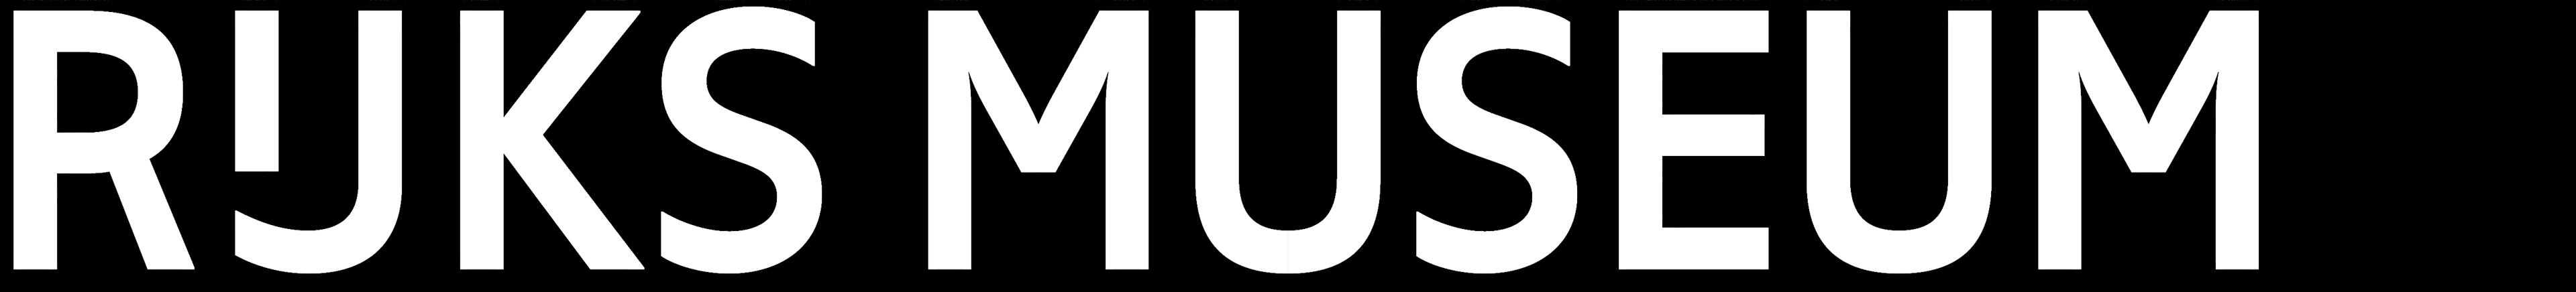 https://www.rijksmuseum.nl/WebStatic/Images/Logo/rijksmuseum-logo-combined.png